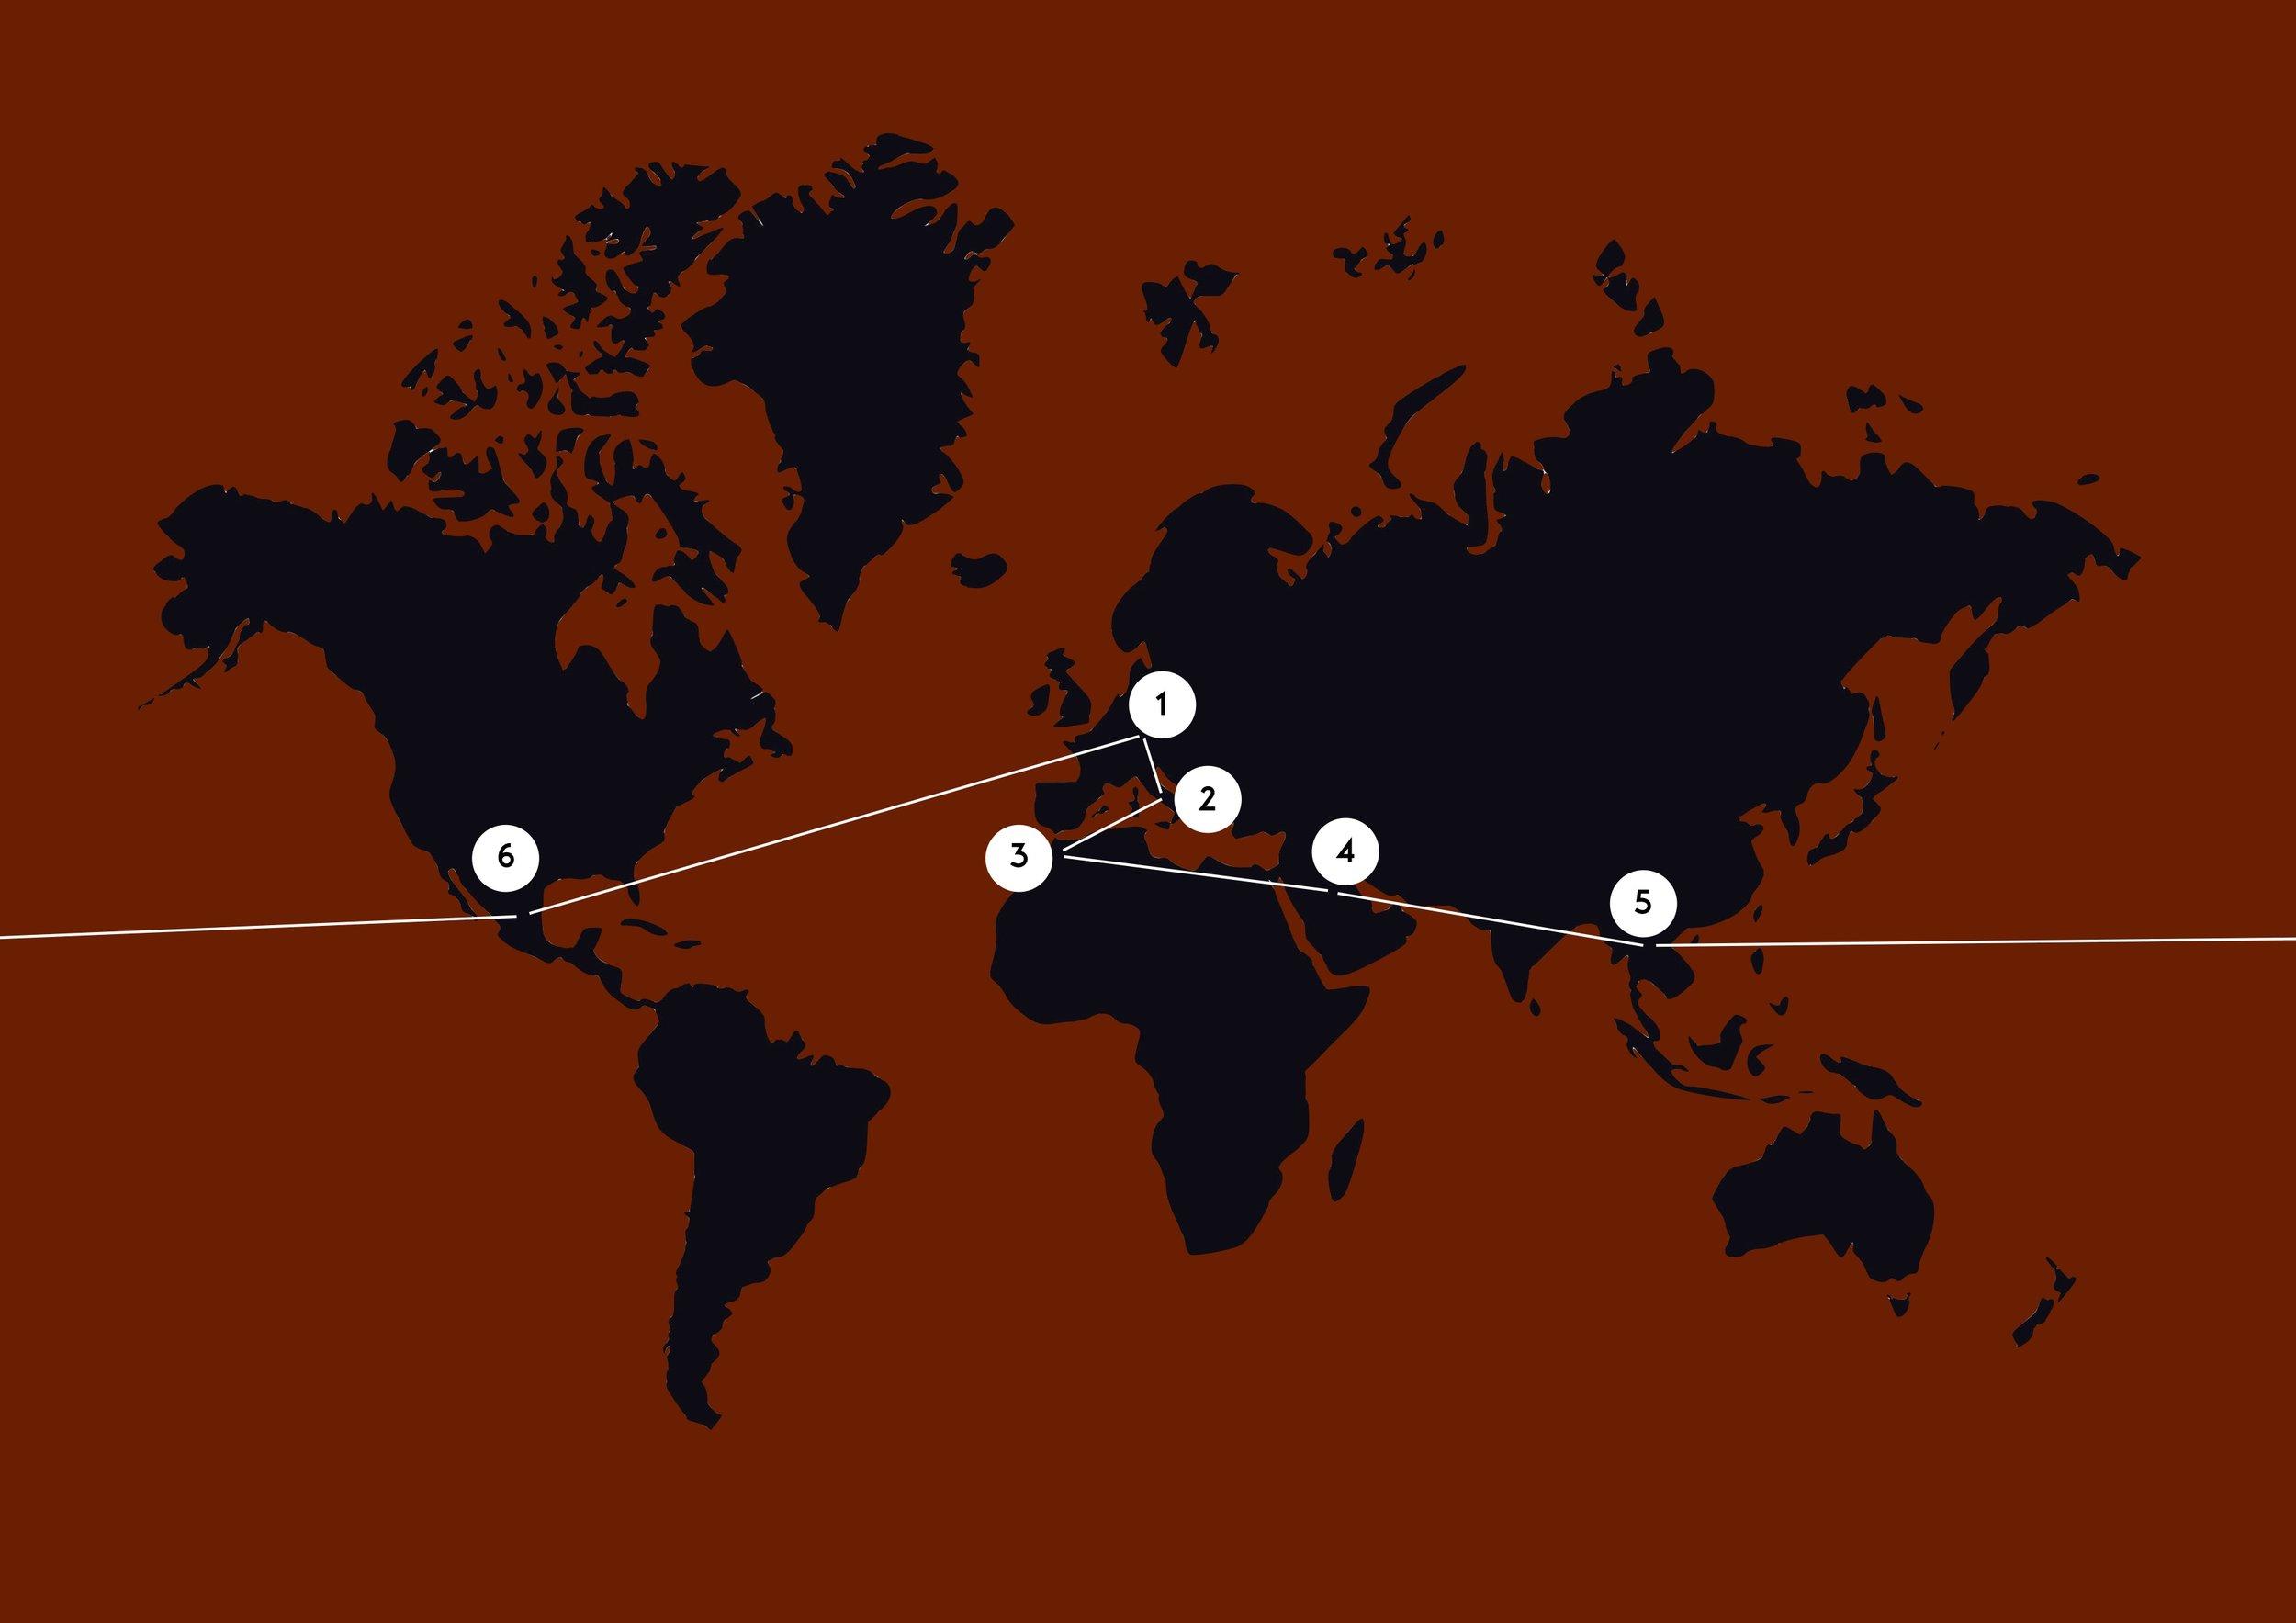 Weltkarte mit Stationen 2019 .jpg